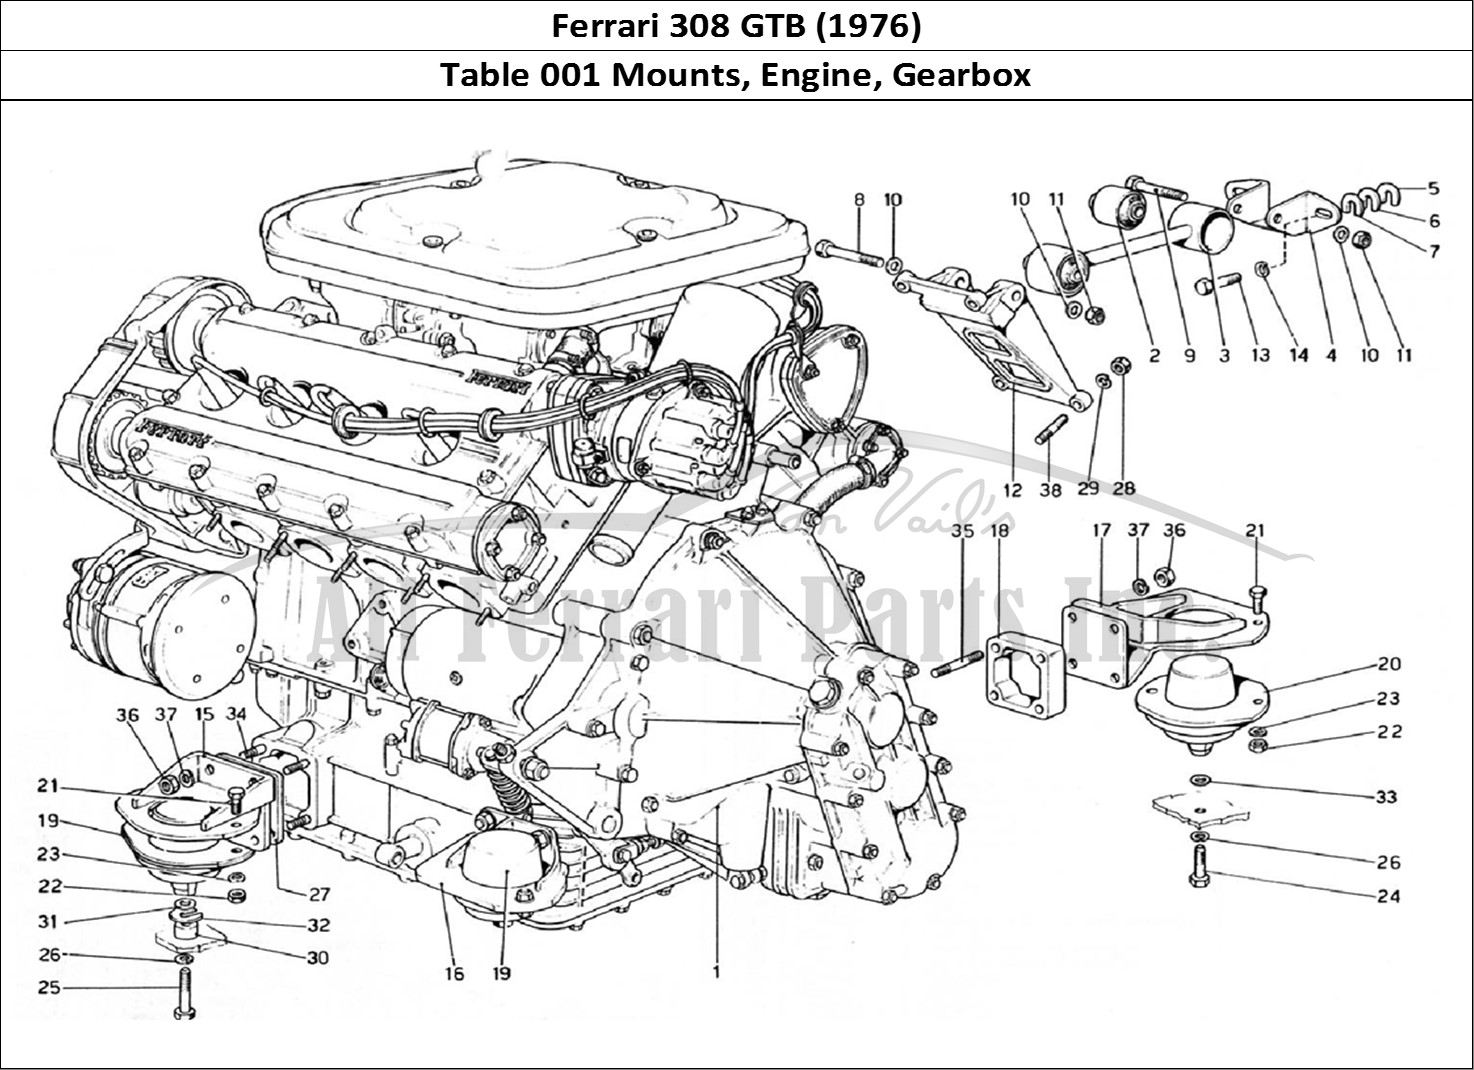 Buy original Ferrari 308 GTB (1976) 001 Mounts, Engine